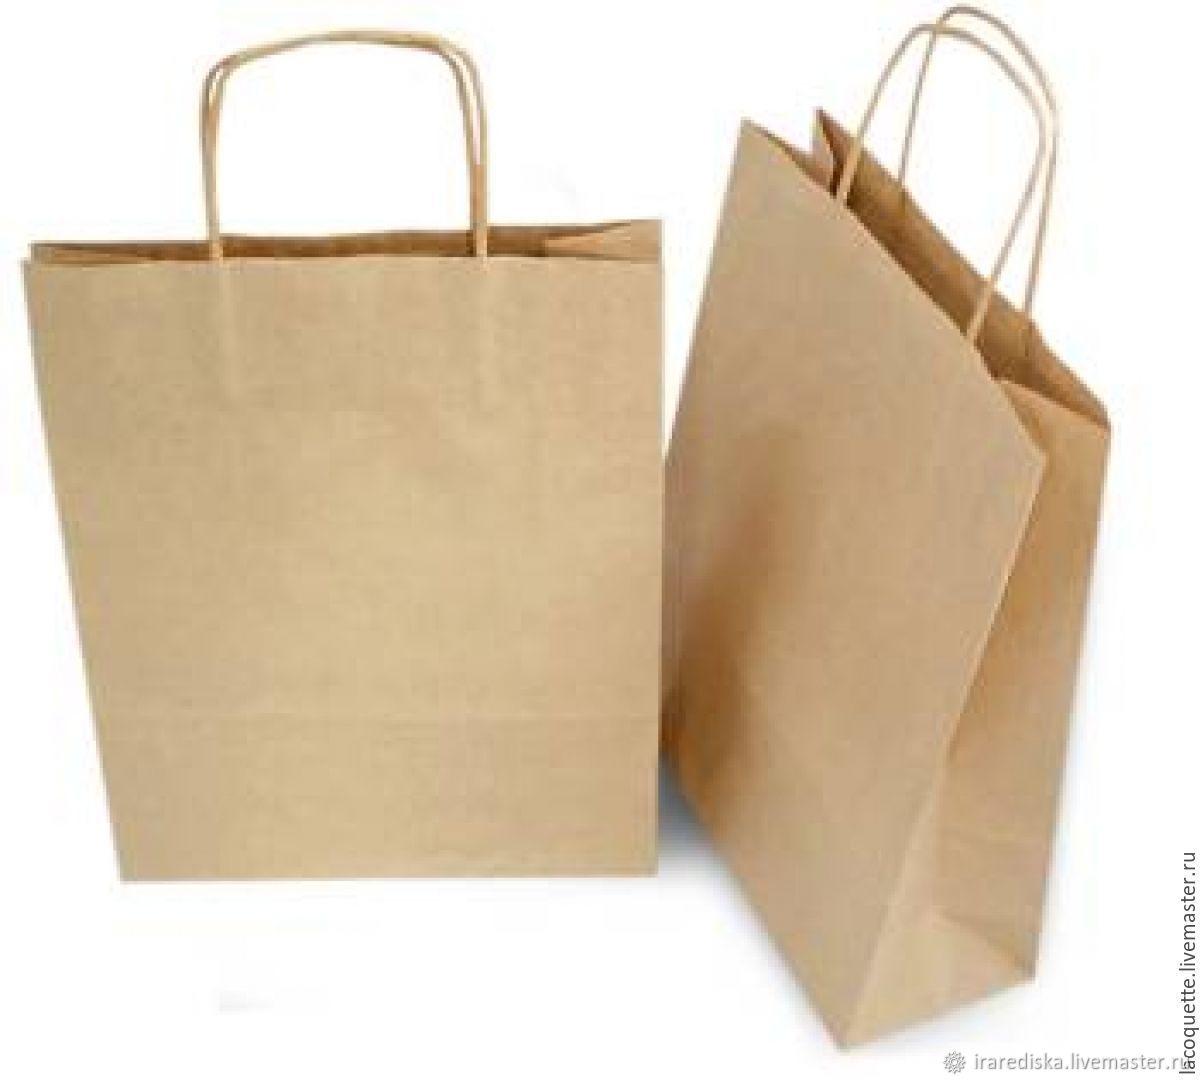 Крафт пакет бурый с кручеными ручками, Пакеты, Таганрог,  Фото №1